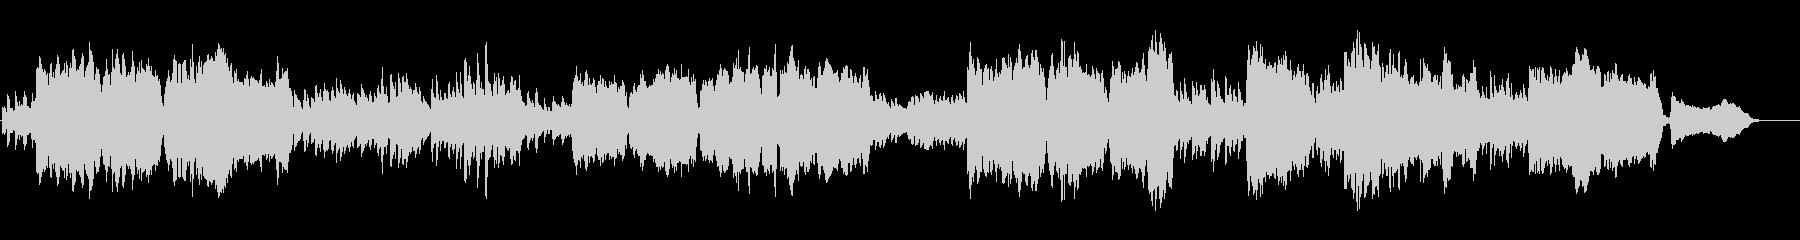 【生演奏】愛の挨拶/ E. エルガーの未再生の波形